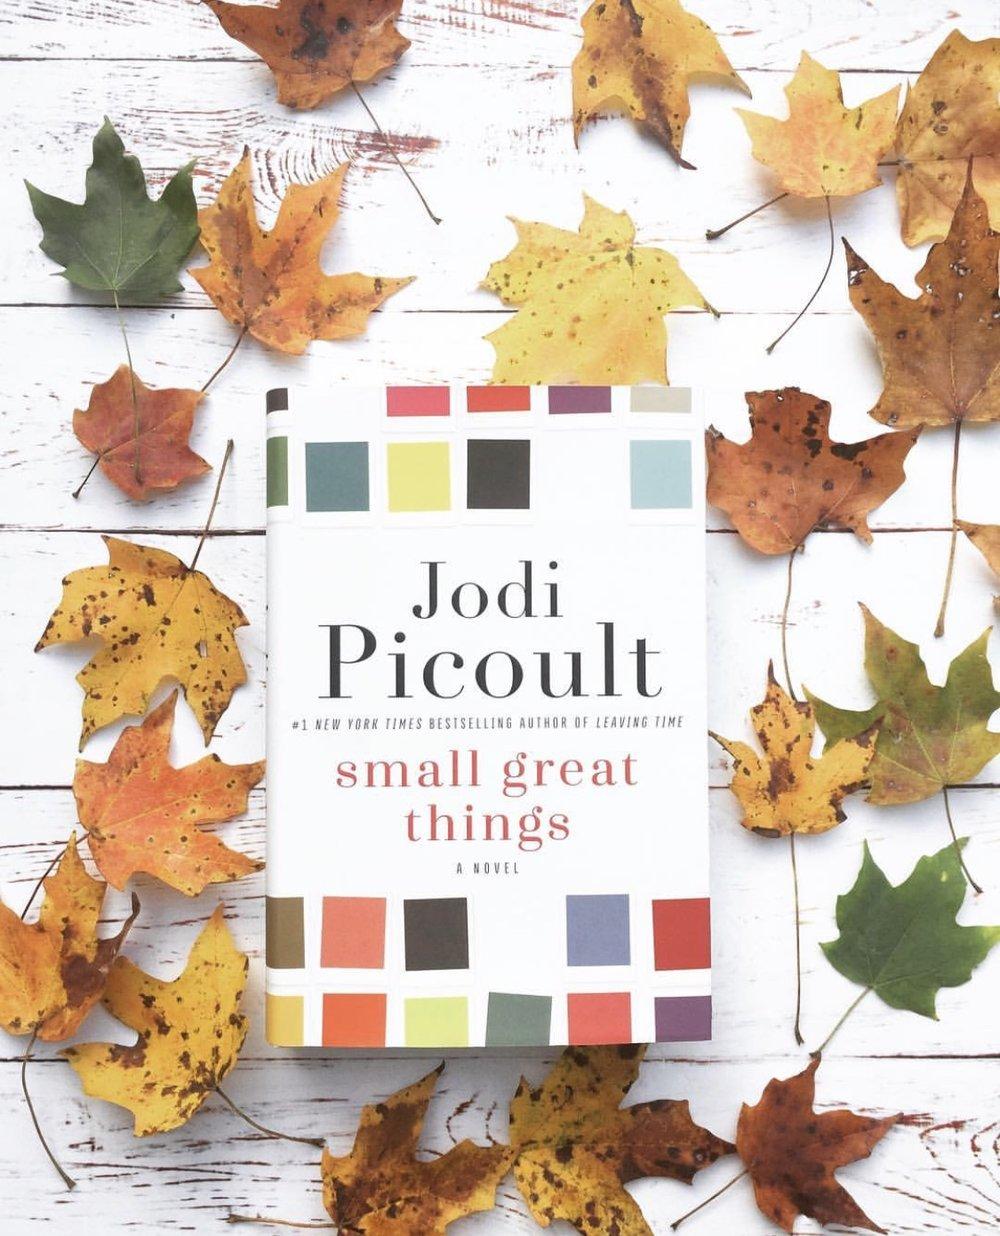 Jodi Picoult Book Picture.jpg